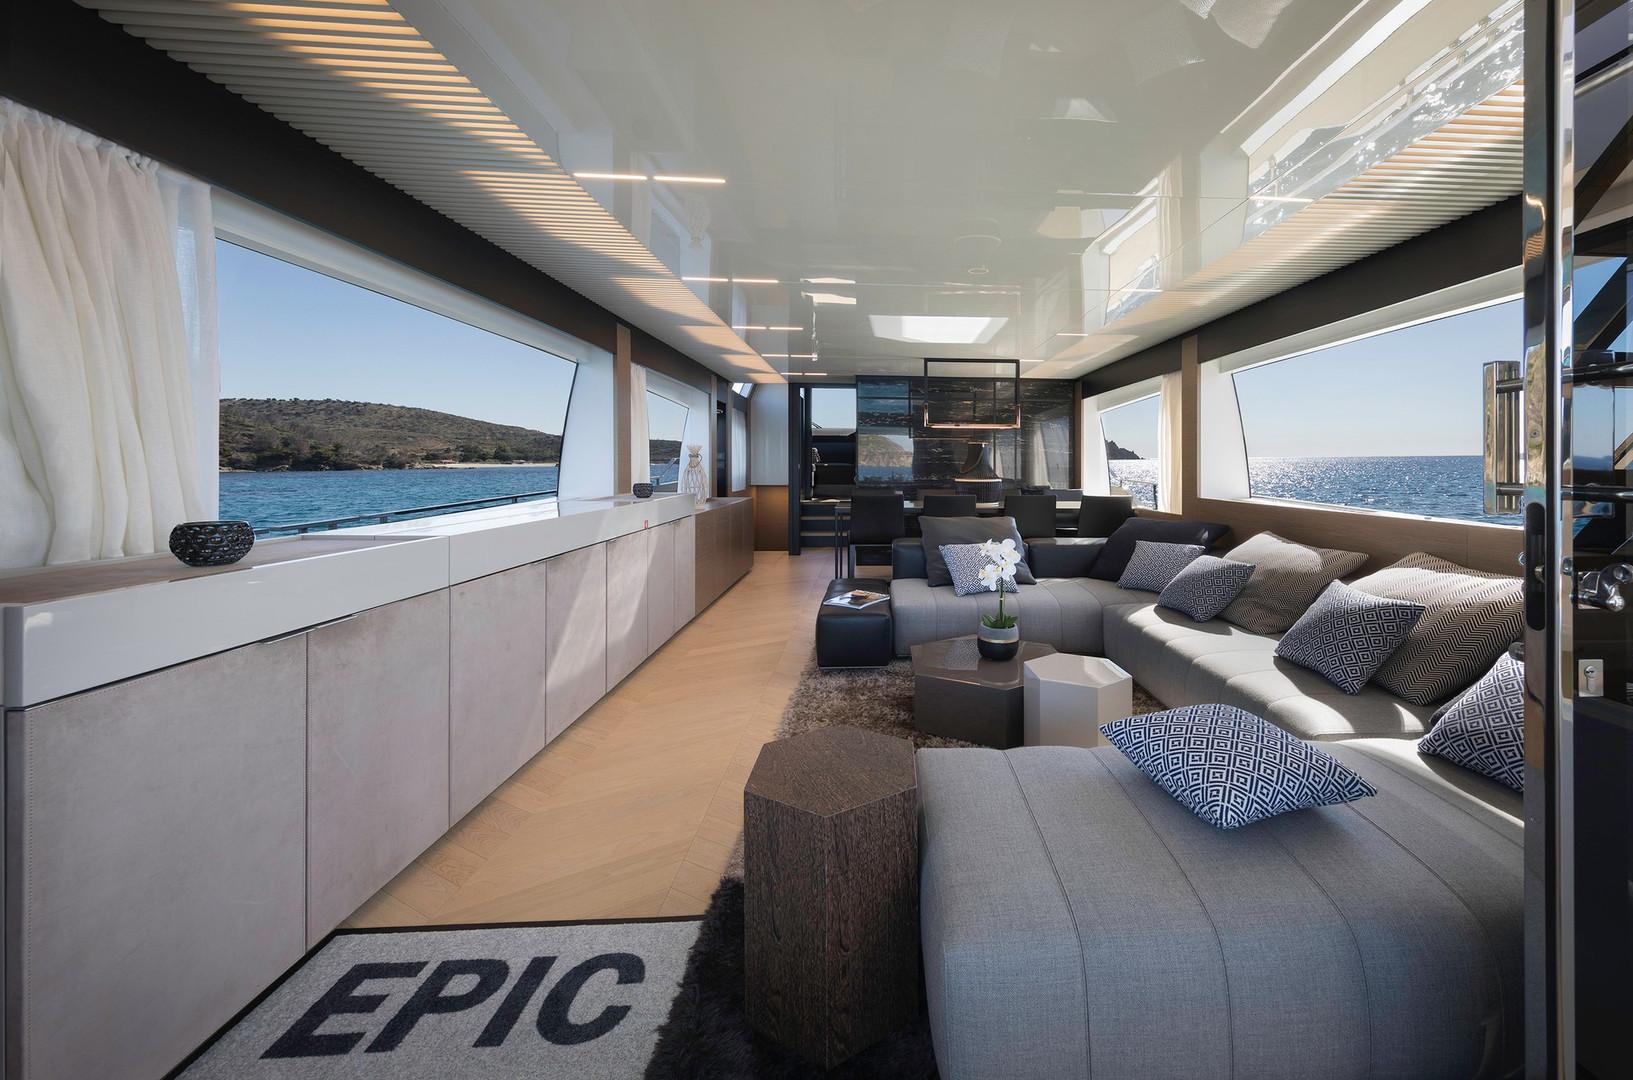 Yacht EPIC - saloon looking forward